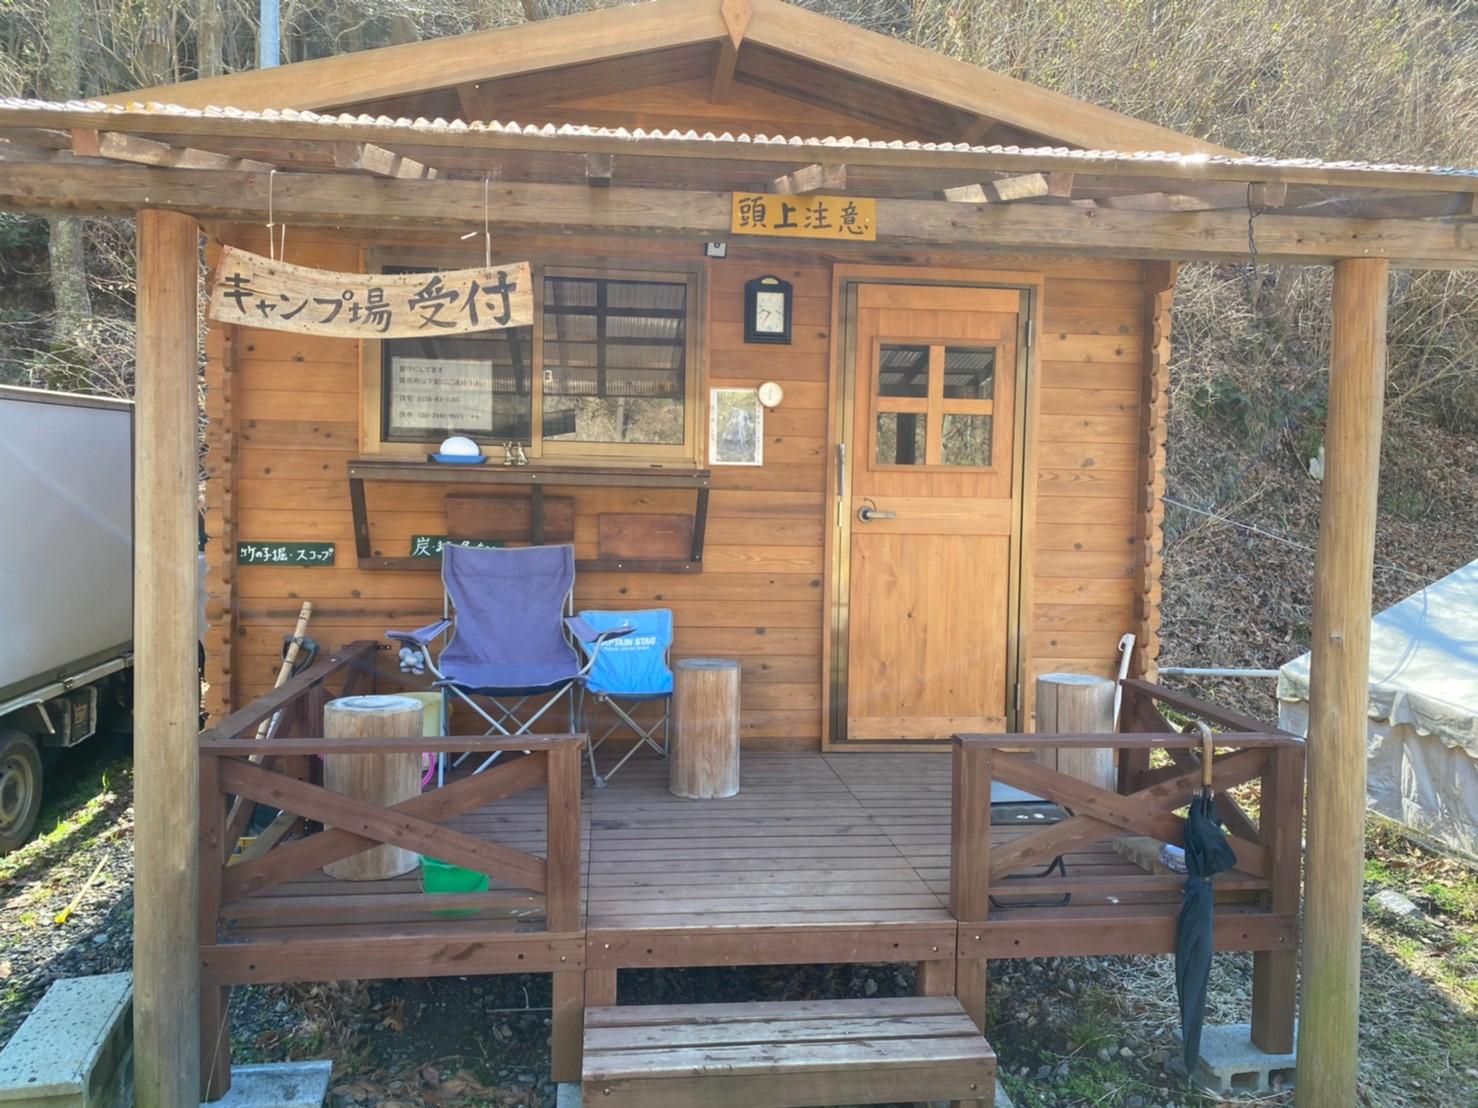 【静岡県/伊豆】ドッグラン付き!『伊豆自然村キャンプフィールド』の情報まとめ